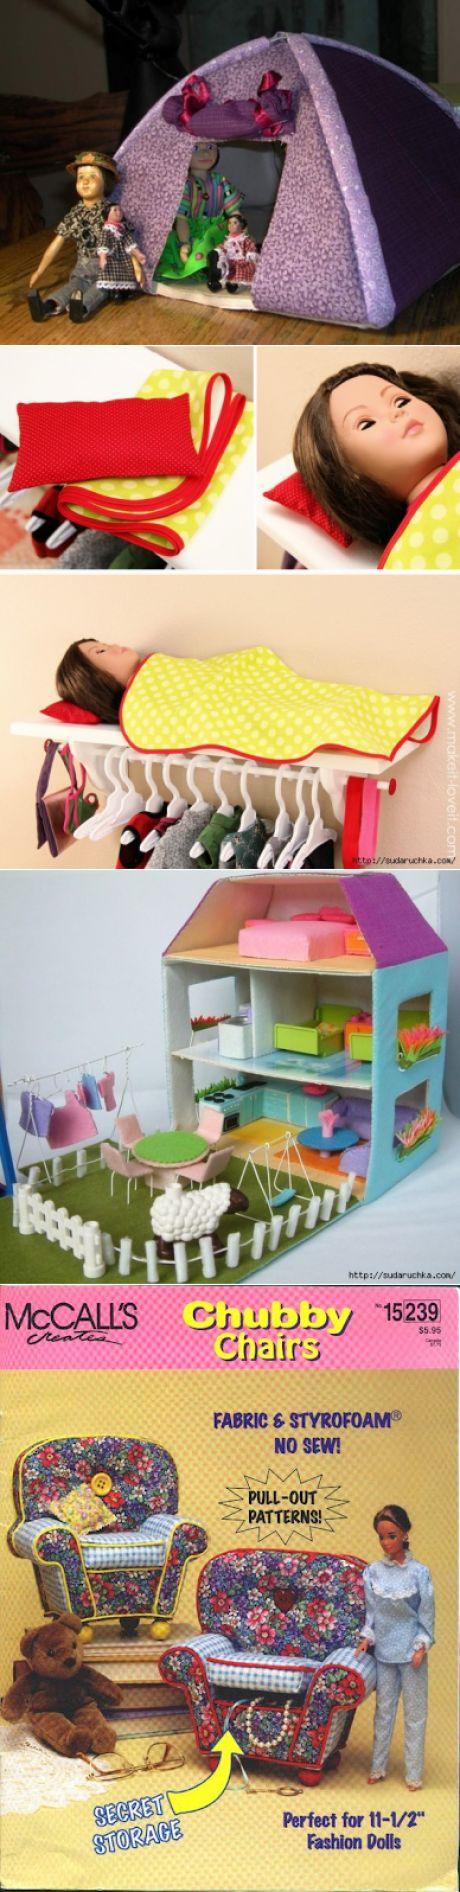 kiegészítők játékokhoz, bútorokhoz stb.  | |  A kategóriában a játékok, játékok, bútorok stb. Tartozékai.  | |  Julia_Zh naplója